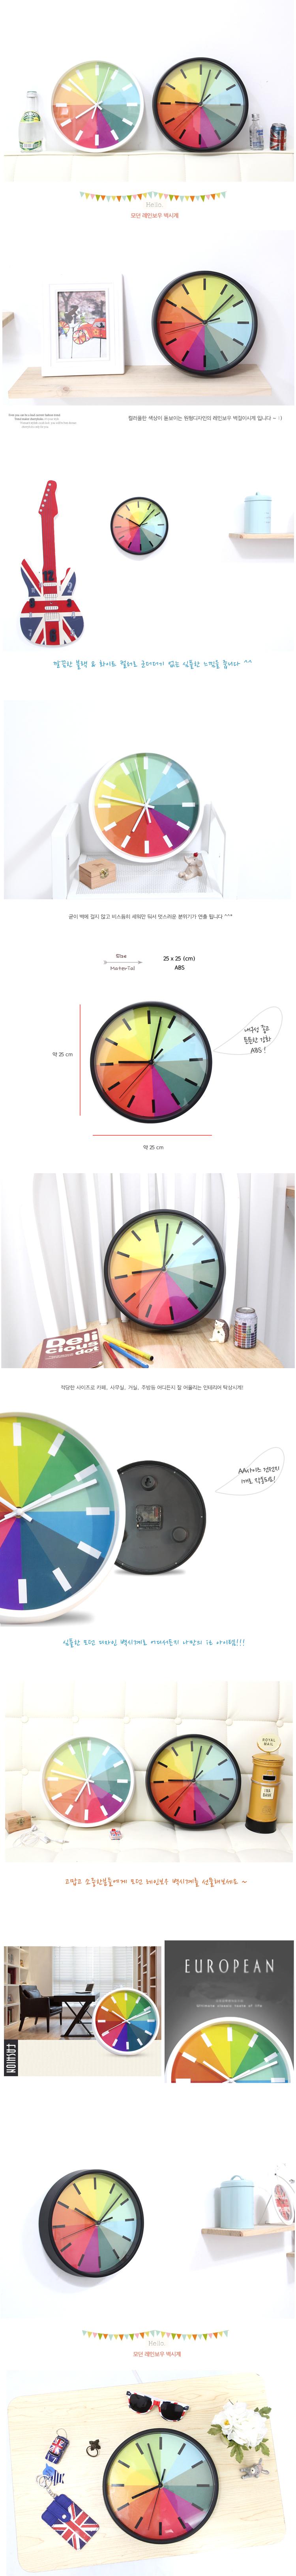 모던레인보우벽시계 - 미스터고물상, 4,950원, 벽시계, 디자인벽시계